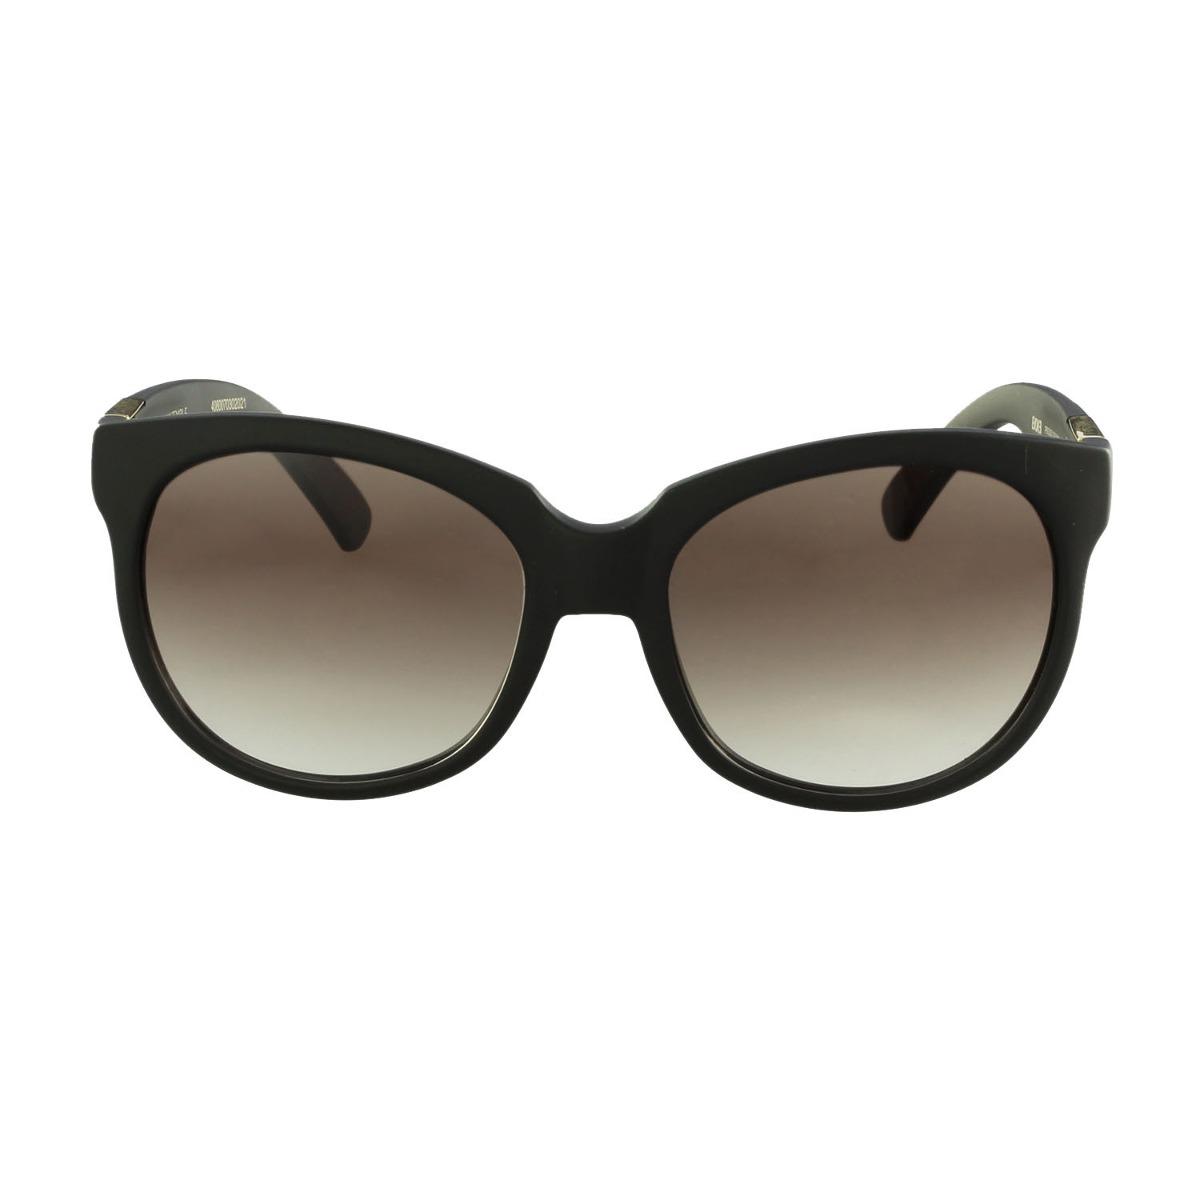 a461001a00a2f Óculos De Sol Evoke Casual Preto Aev1m01716 - R  425,00 em Mercado Livre